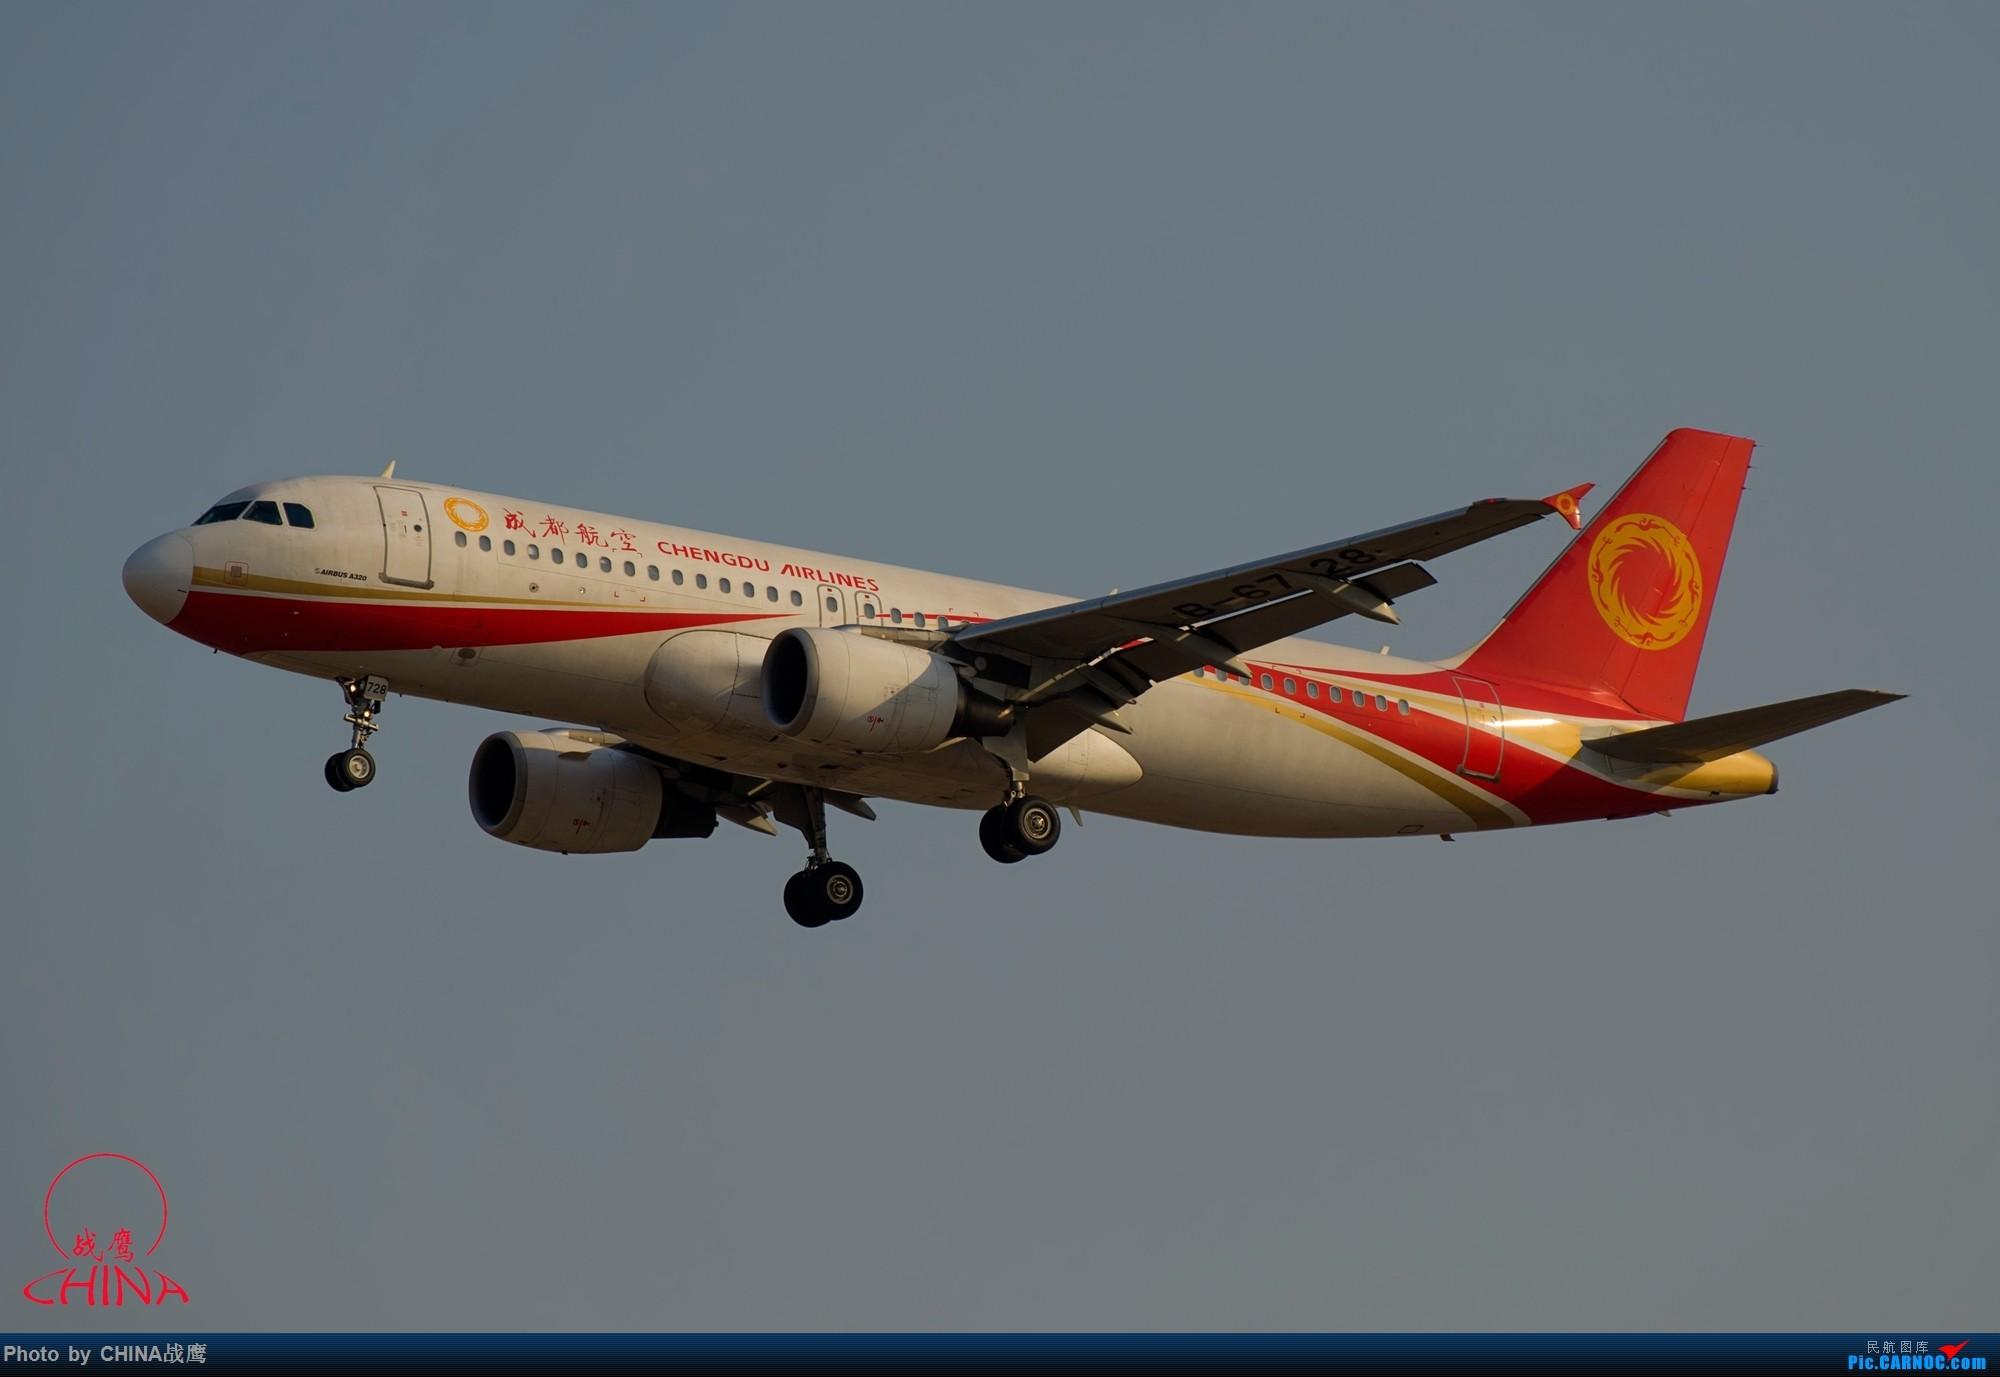 Re:[原创]拍飞机的乐趣 AIRBUS A320-200 B-6728 中国沈阳桃仙国际机场